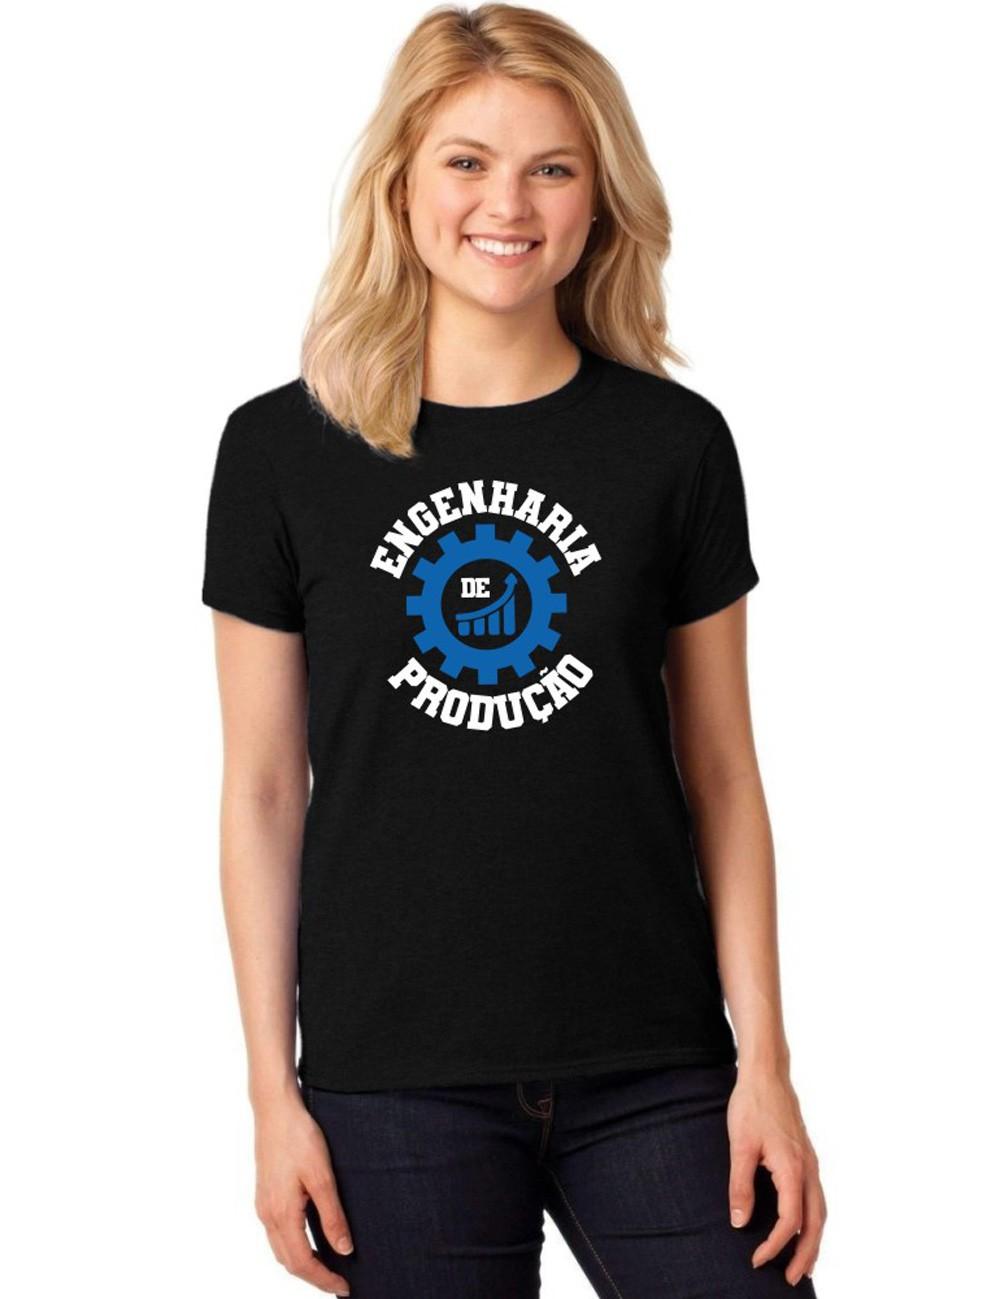 Camiseta Feminina T-Shirt Universitária Faculdade Engenharia de Produção